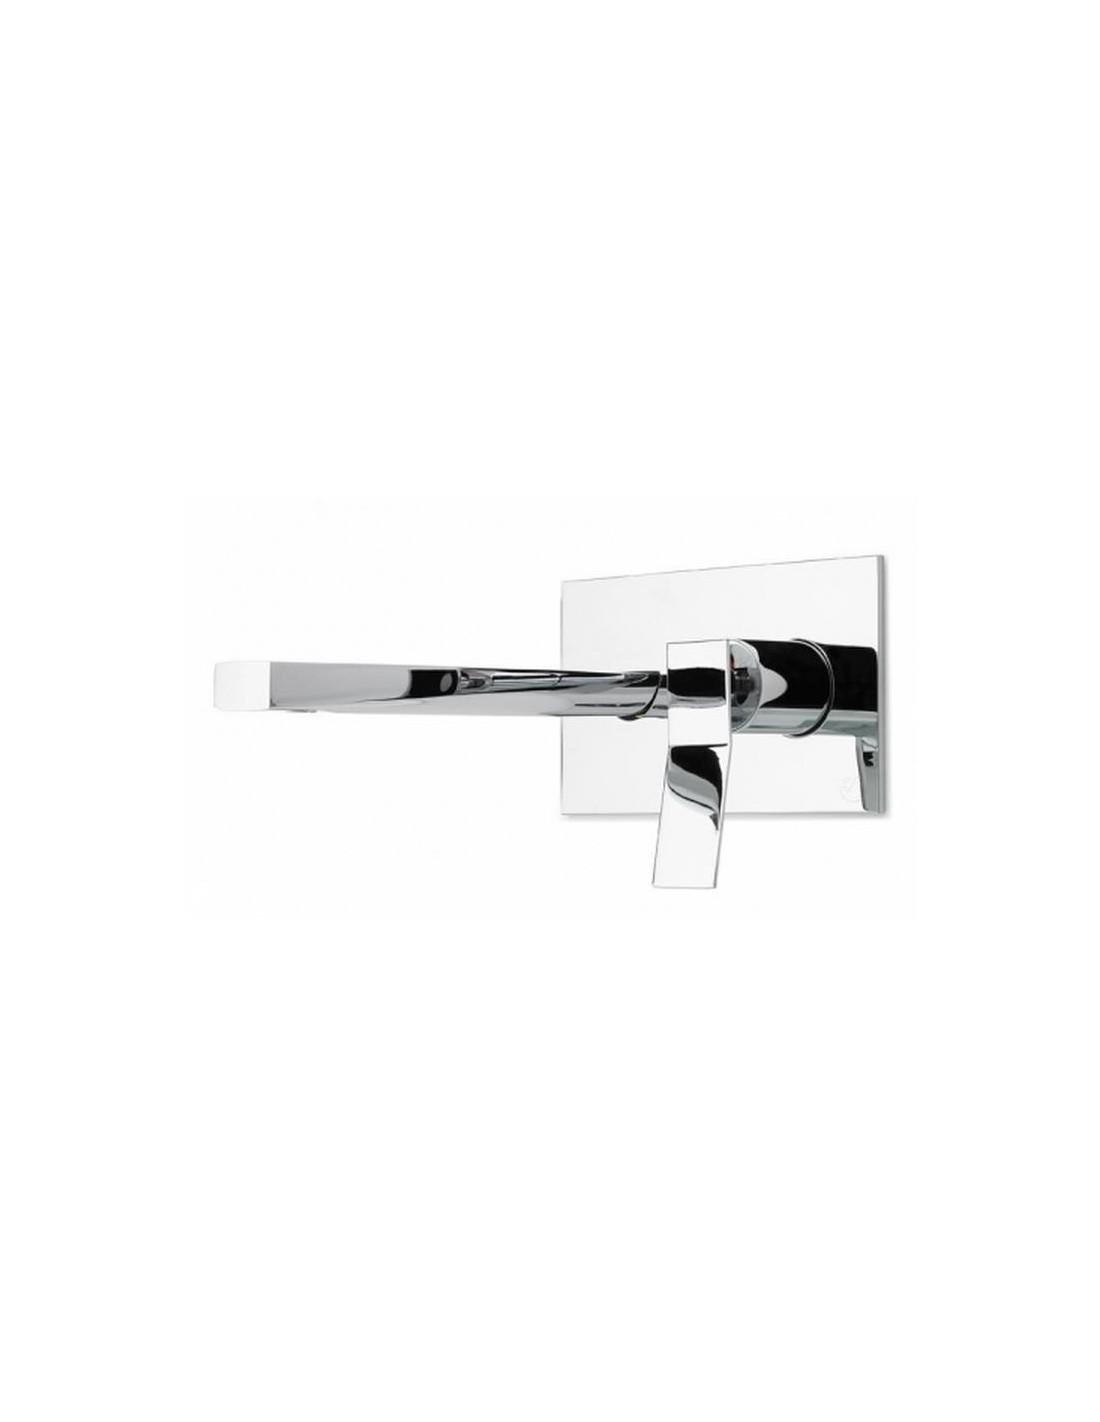 luminaire salle de bain avec prise et interrupteur by applique salle de bain avec interrupteur et - Applique Salle De Bain Avec Interrupteur Et Prise